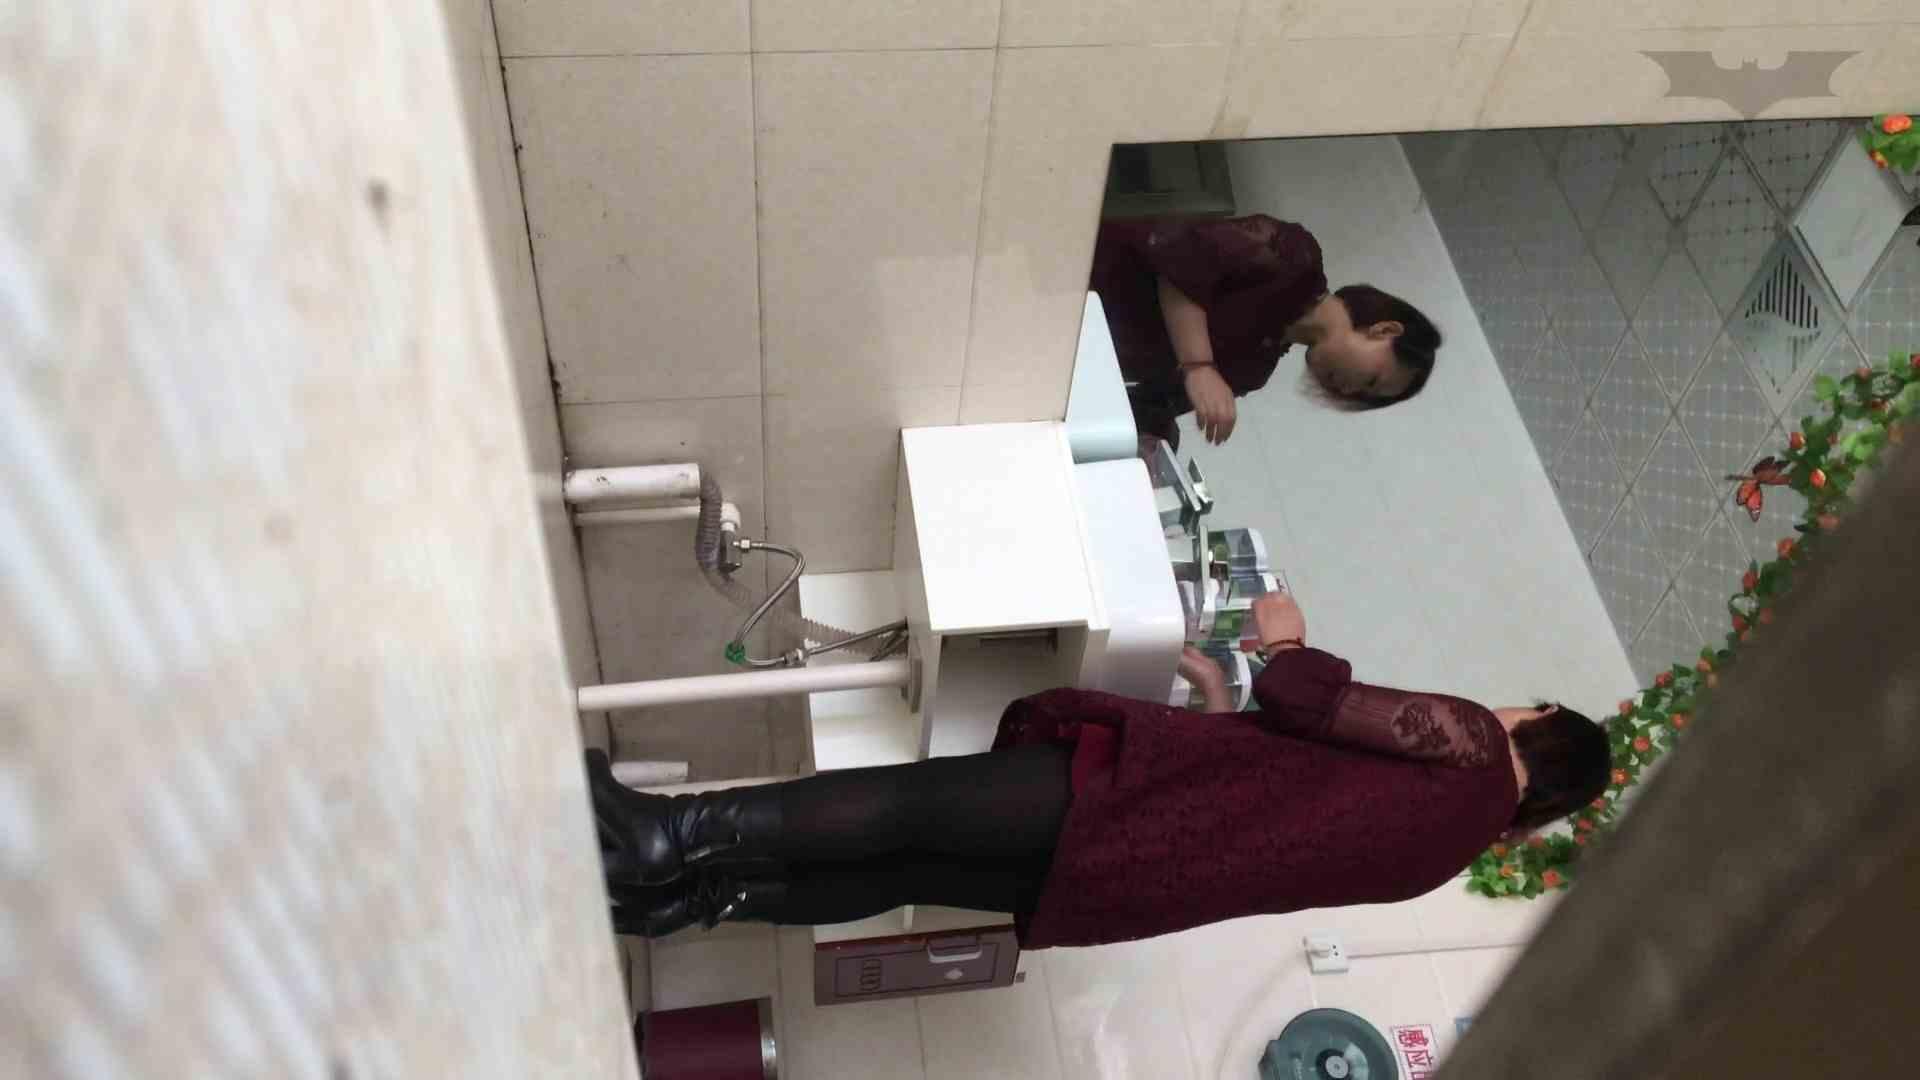 芸術大学ガチ潜入盗撮 JD盗撮 美女の洗面所の秘密 Vol.111 美女のボディ  49PIX 18